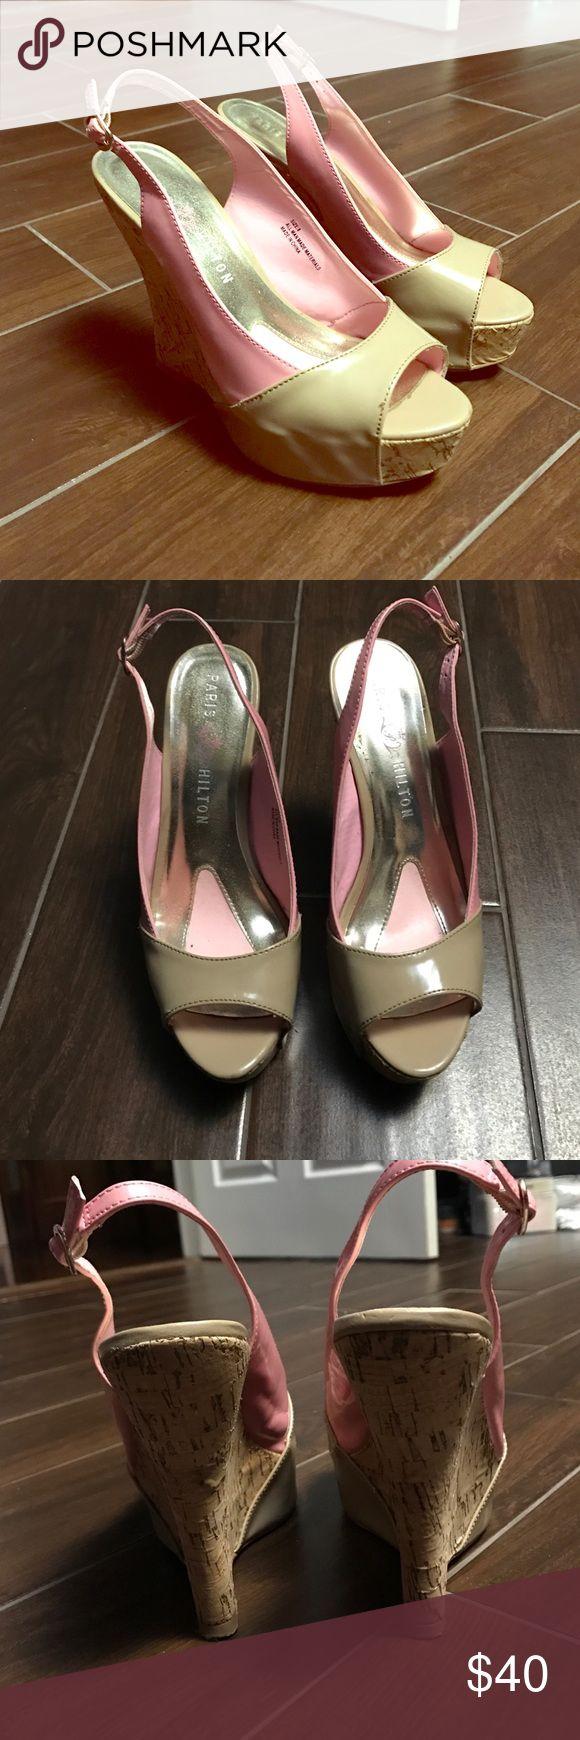 Paris Hilton wedges Pink and beige cork Paris Hilton Wedges size 8 Paris Hilton Shoes Wedges